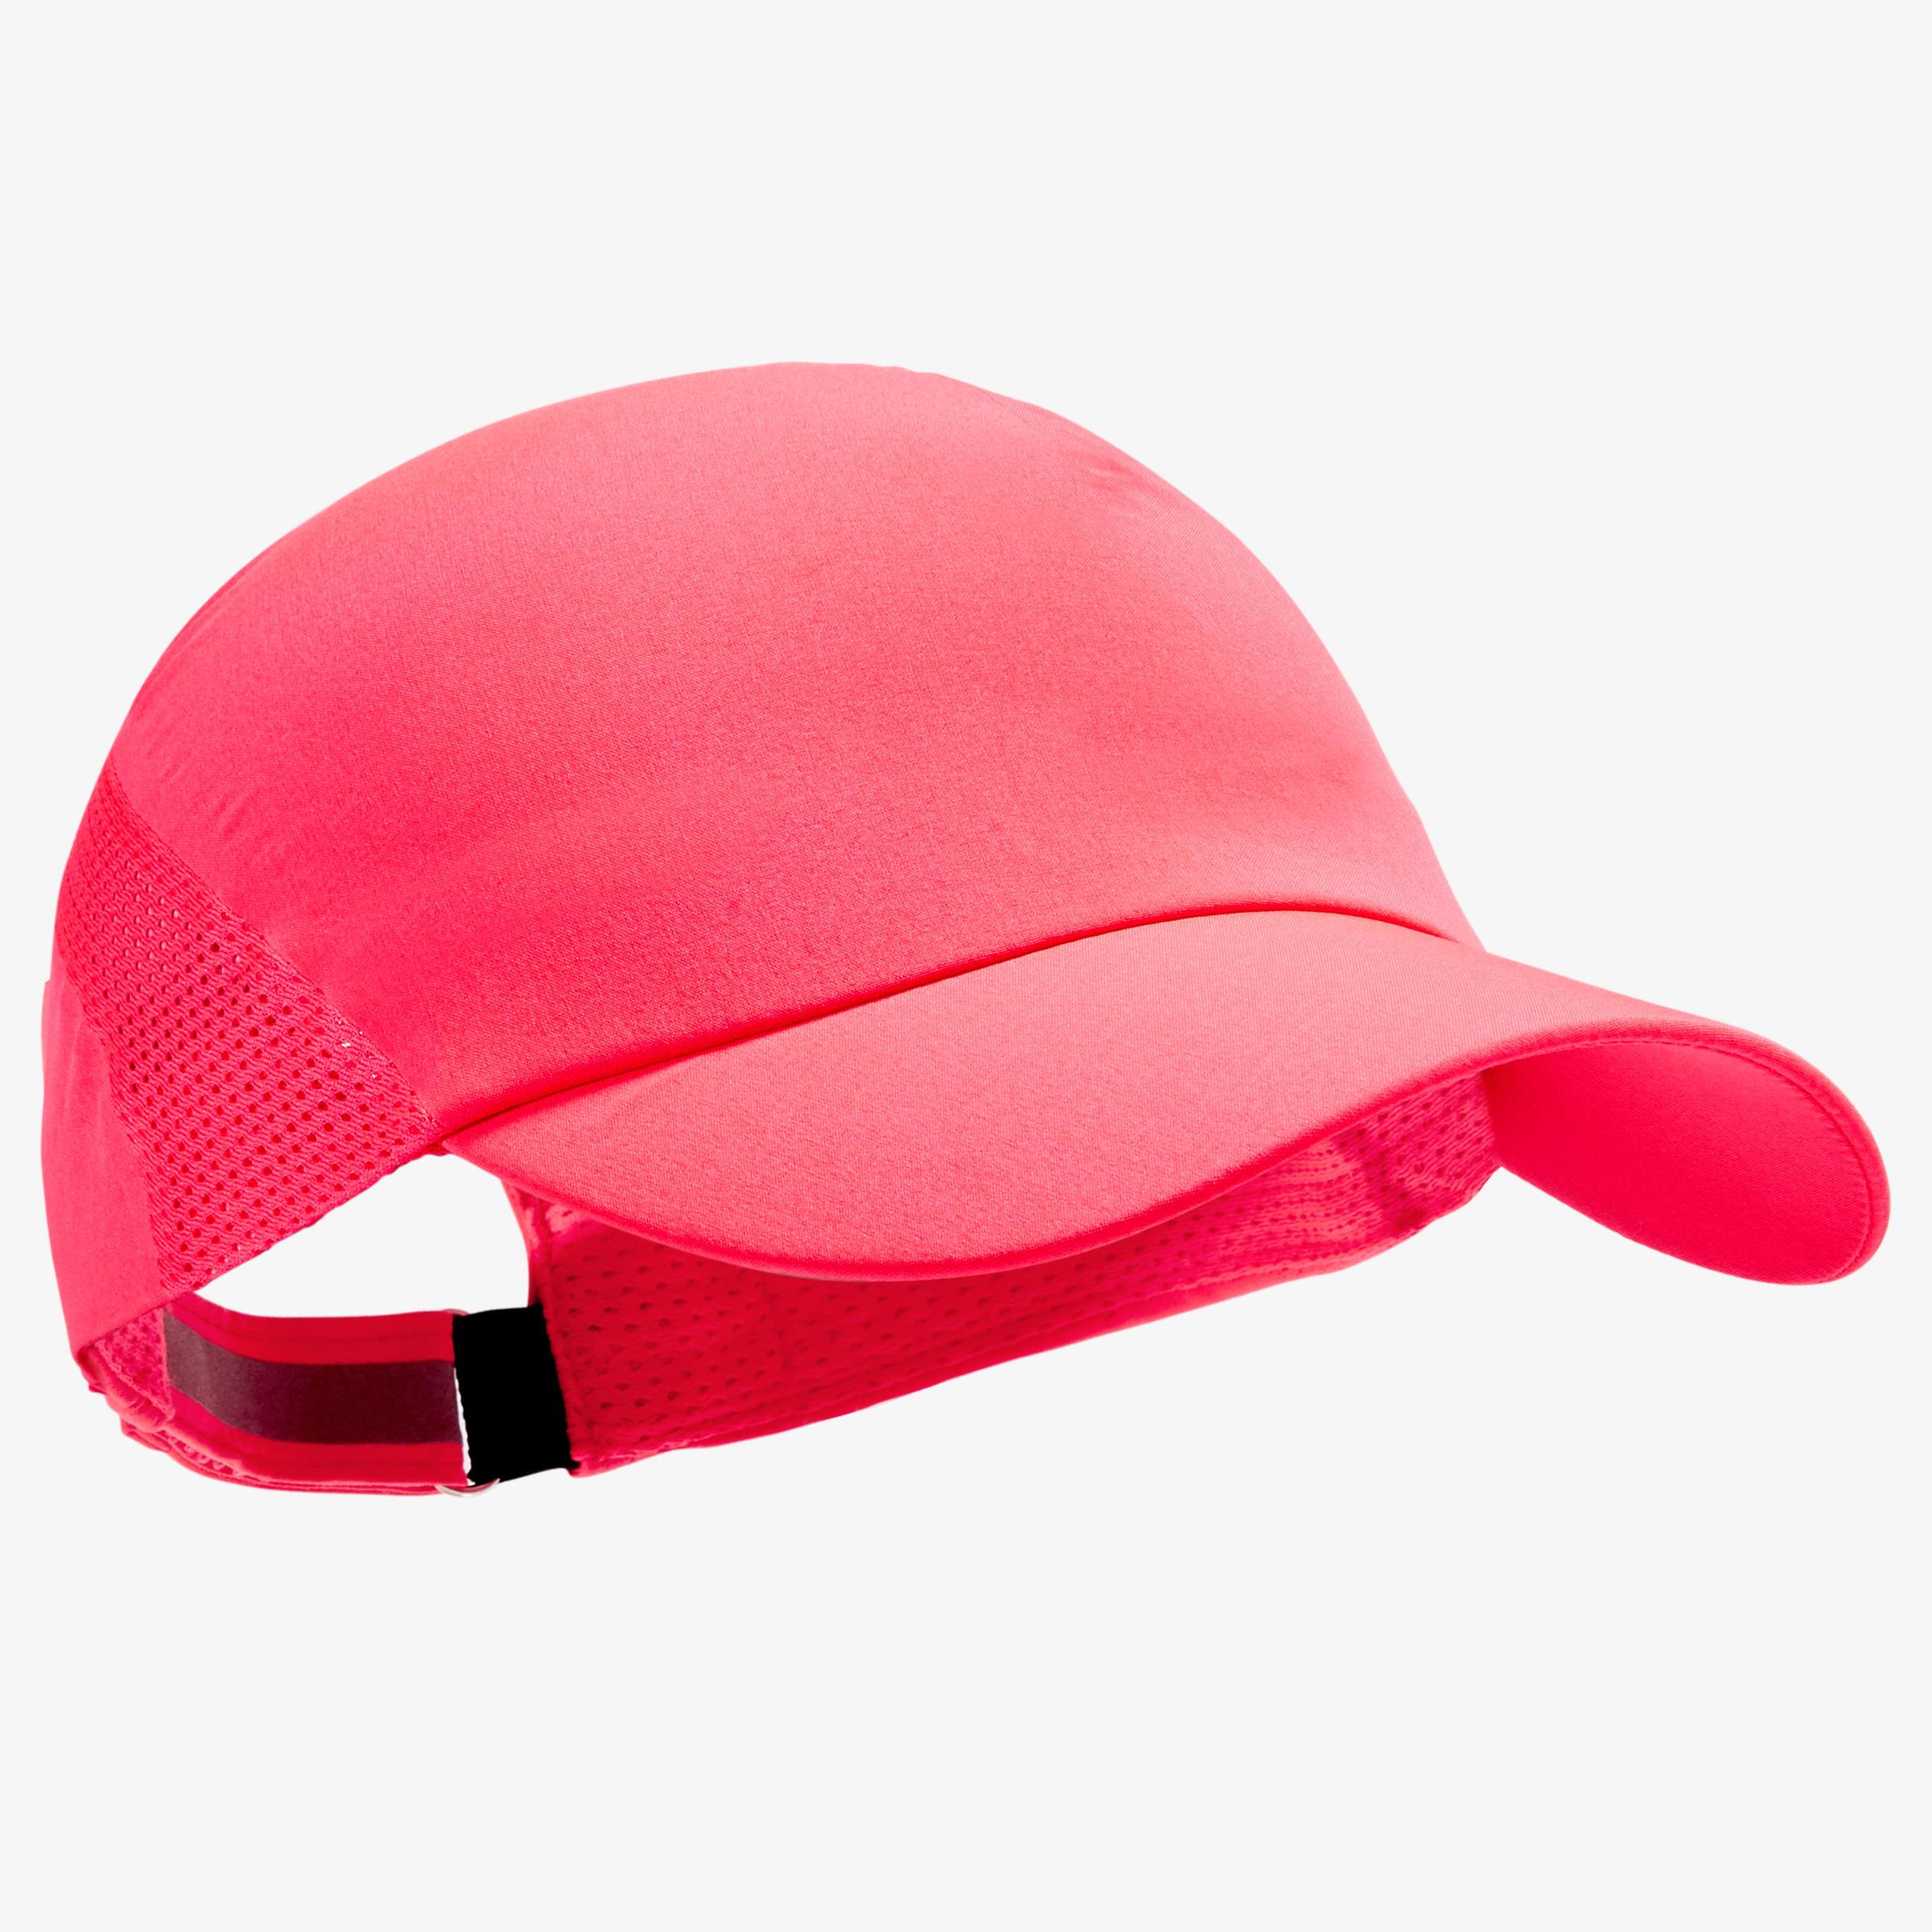 Lauf-Cap verstellbar Erwachsene rosa | Accessoires > Caps > Sonstige Caps | Rot - Rosa | Kalenji